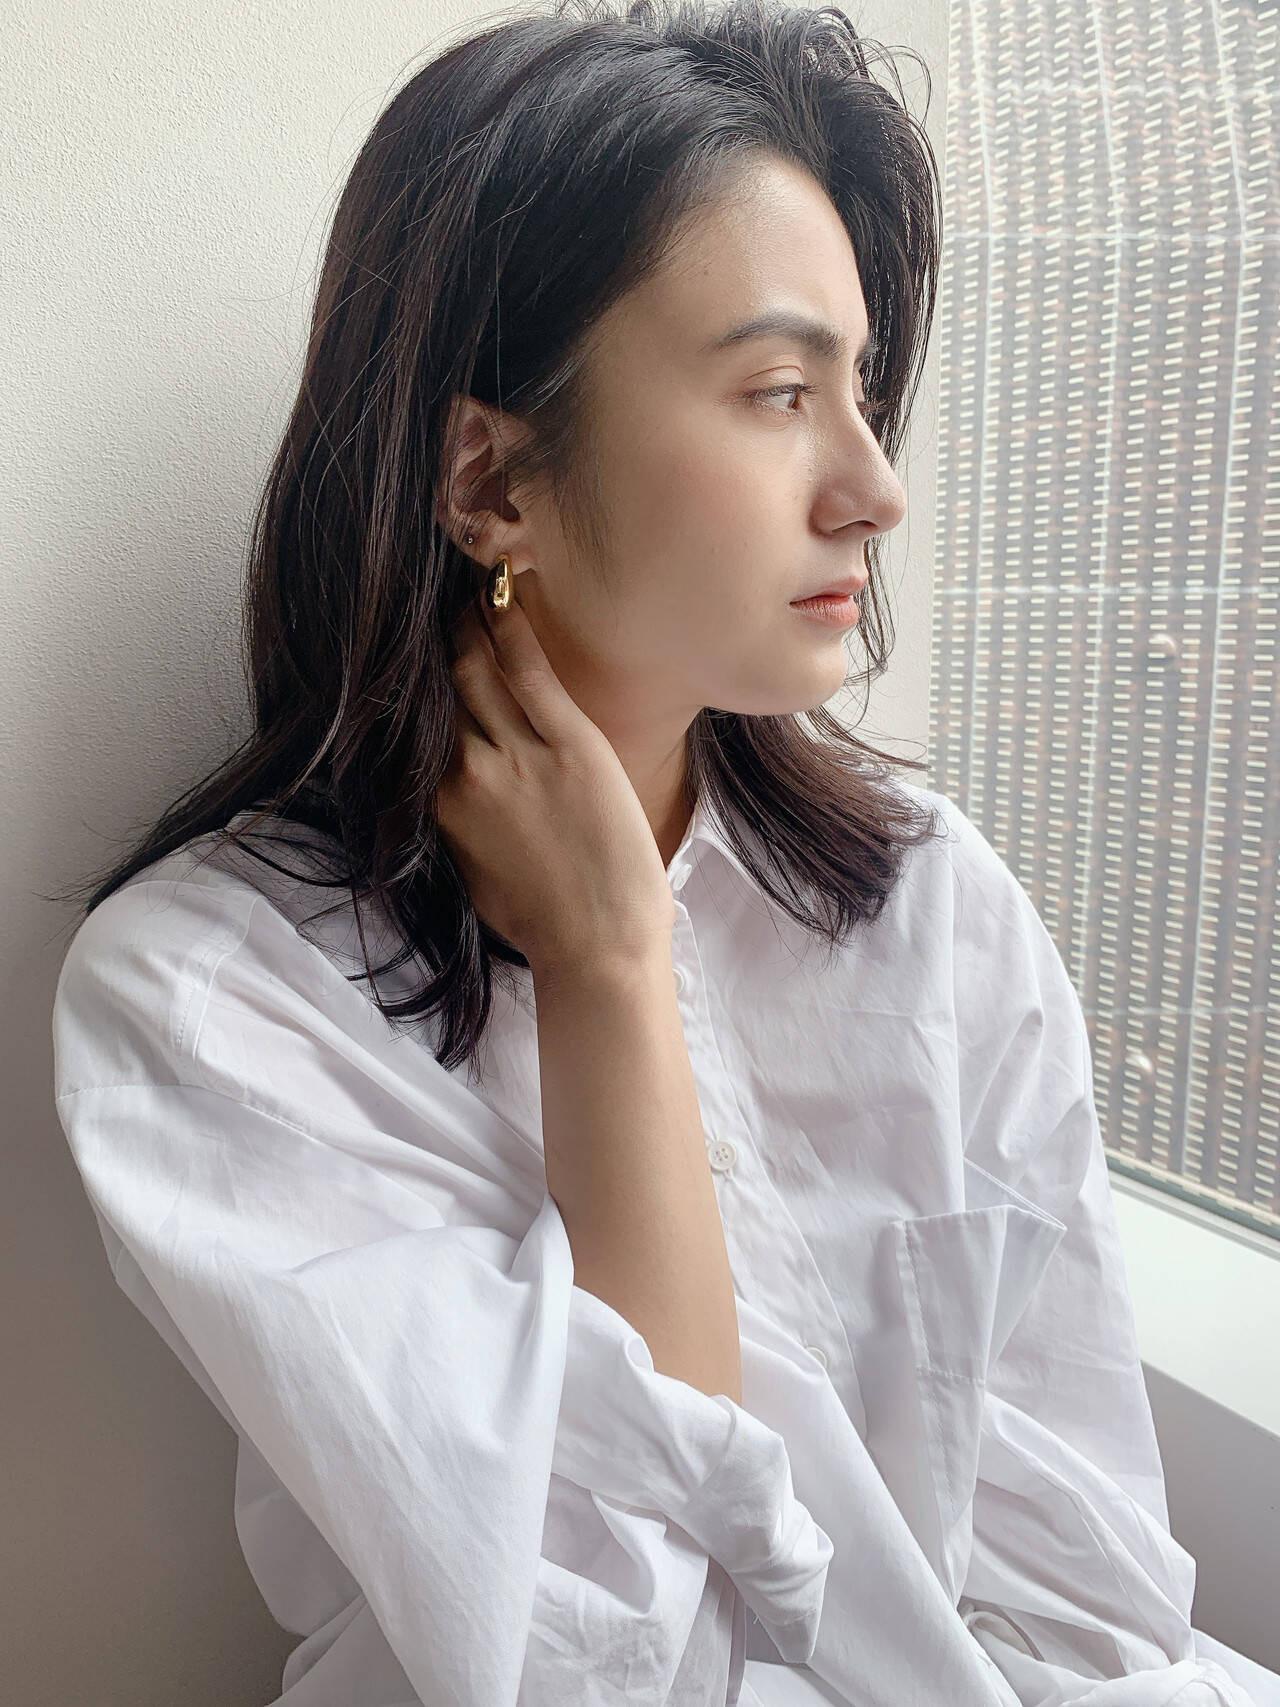 ミディアム×暗髪 オグラ カナ  K-two AOYAMA